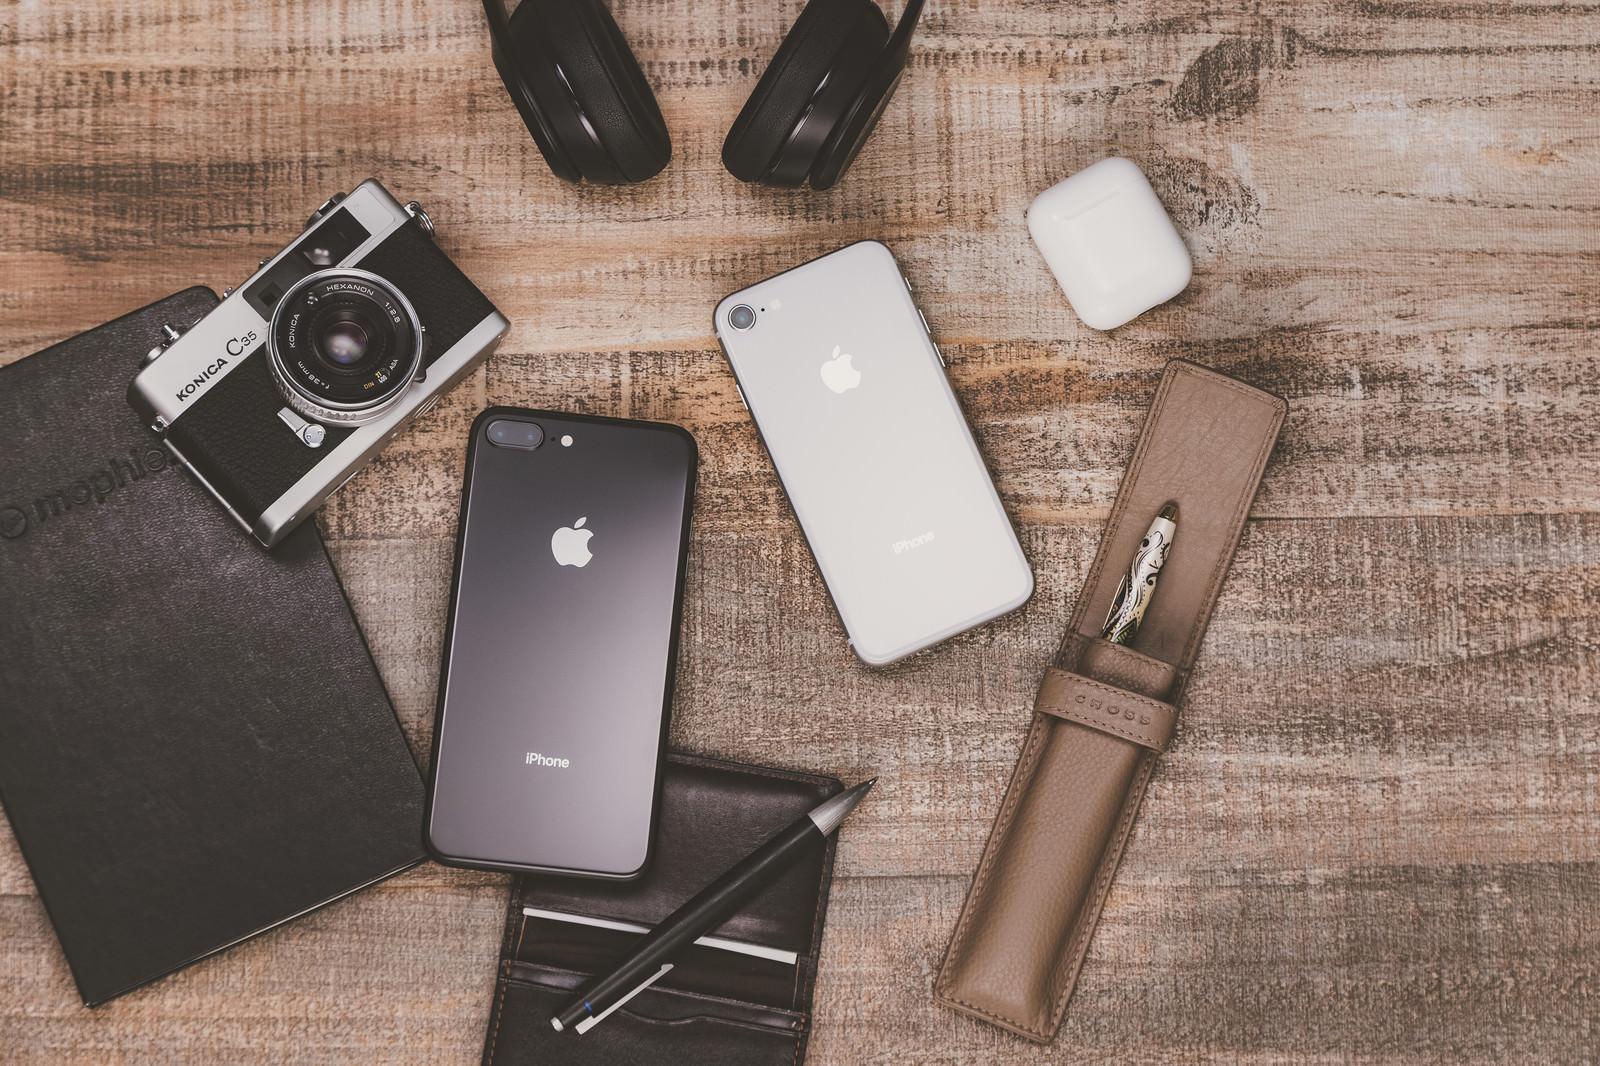 「ブロガーの持ち物(iPhoneやカメラなど) | 写真の無料素材・フリー素材 - ぱくたそ」の写真